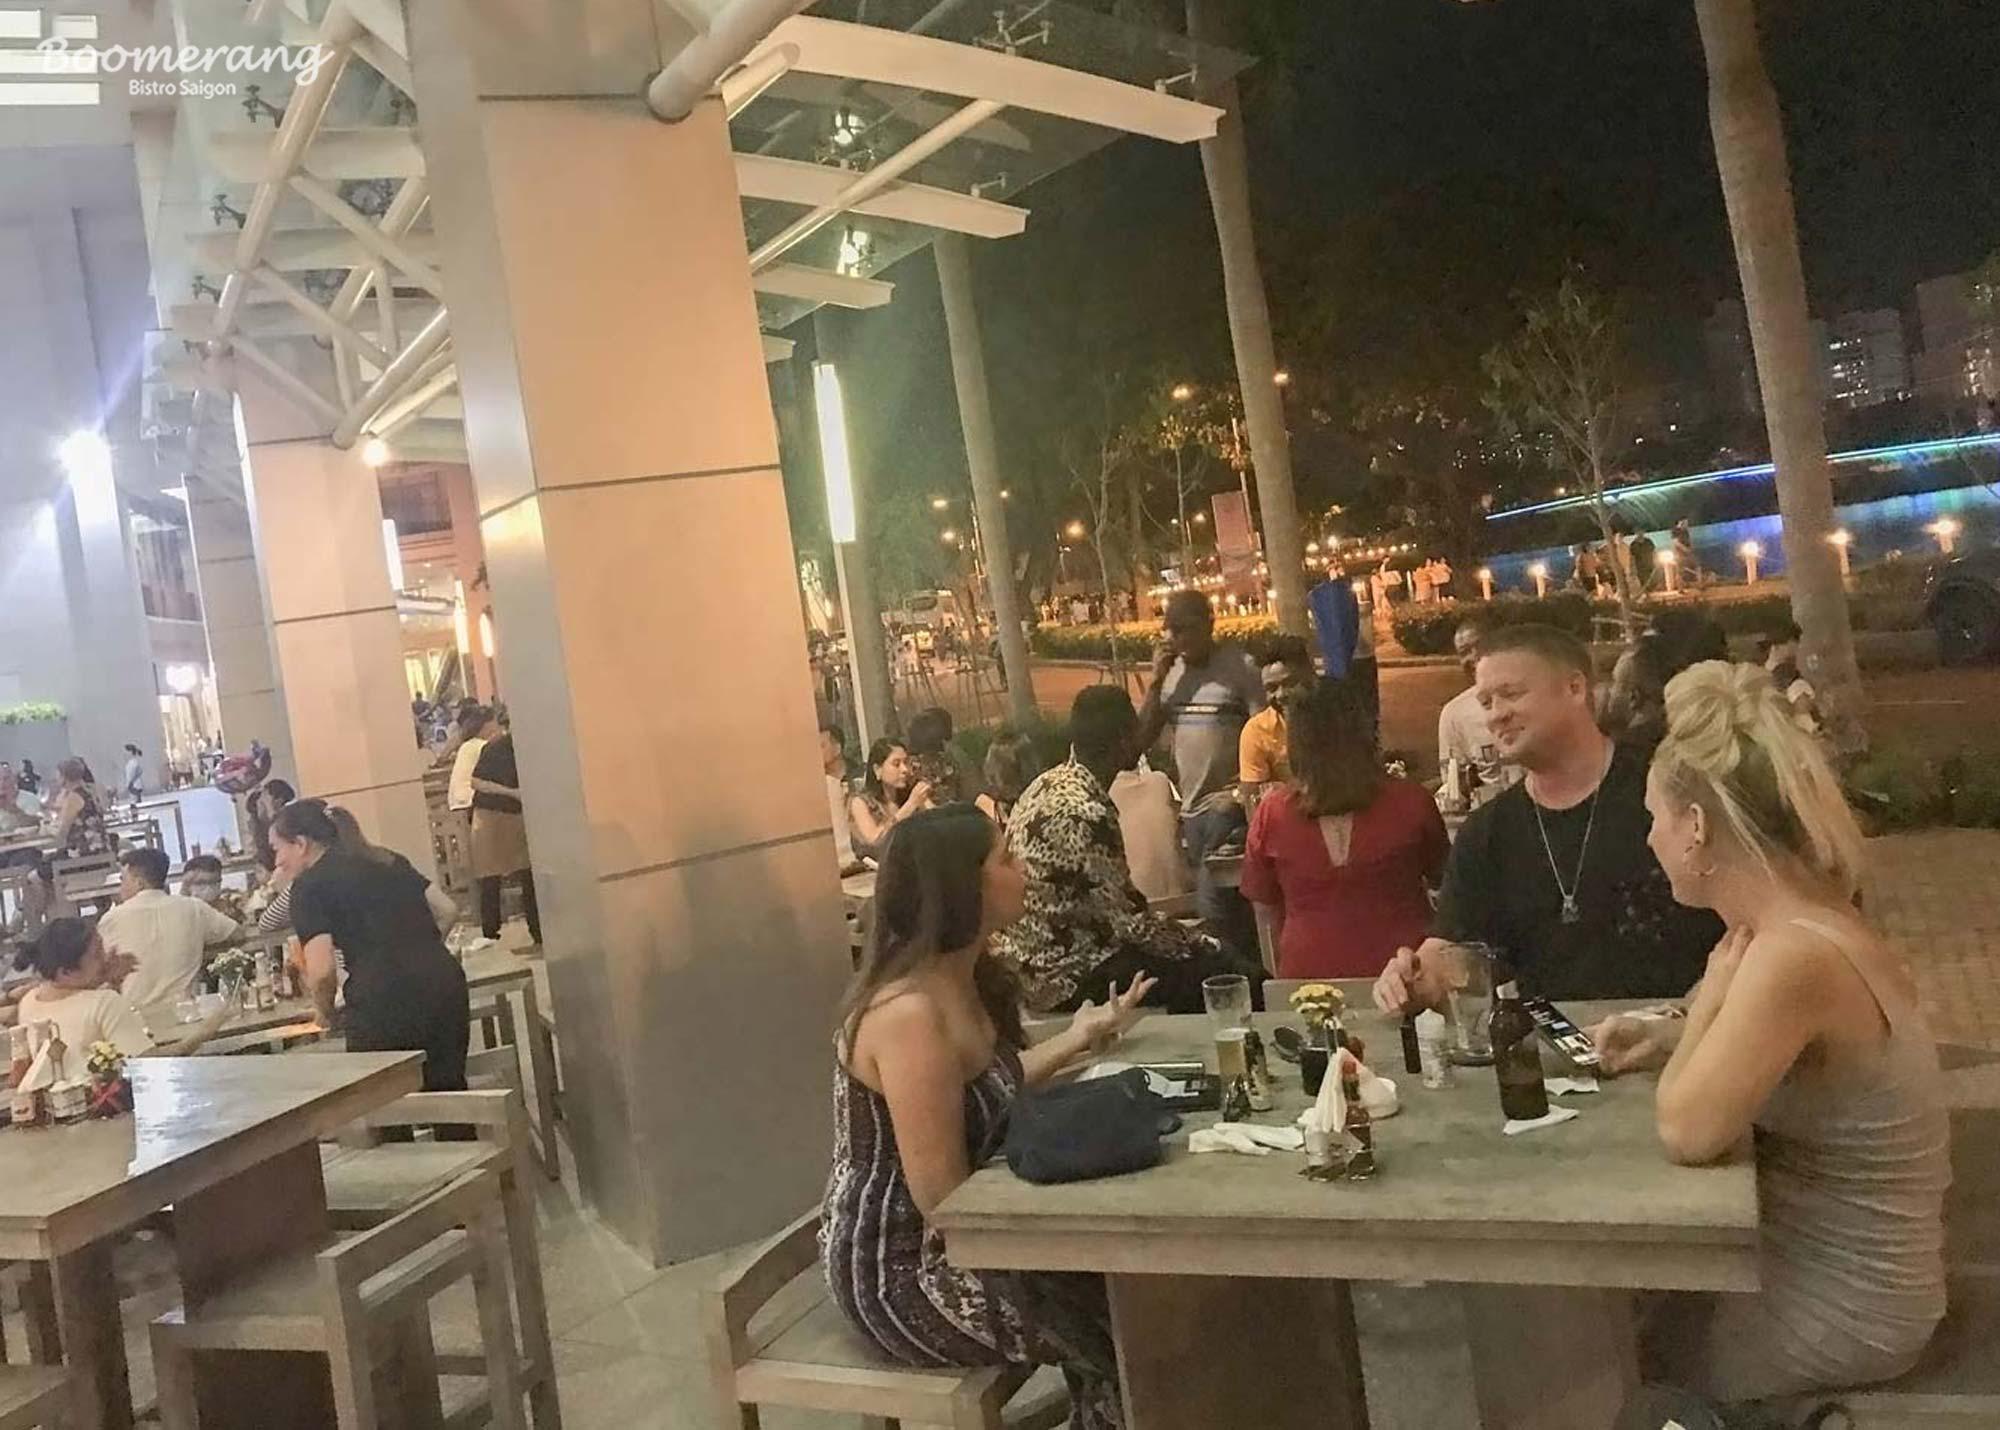 Thư giãn cùng bạn bè và người thân dịp cuối tuần nhà hàng Boomerang